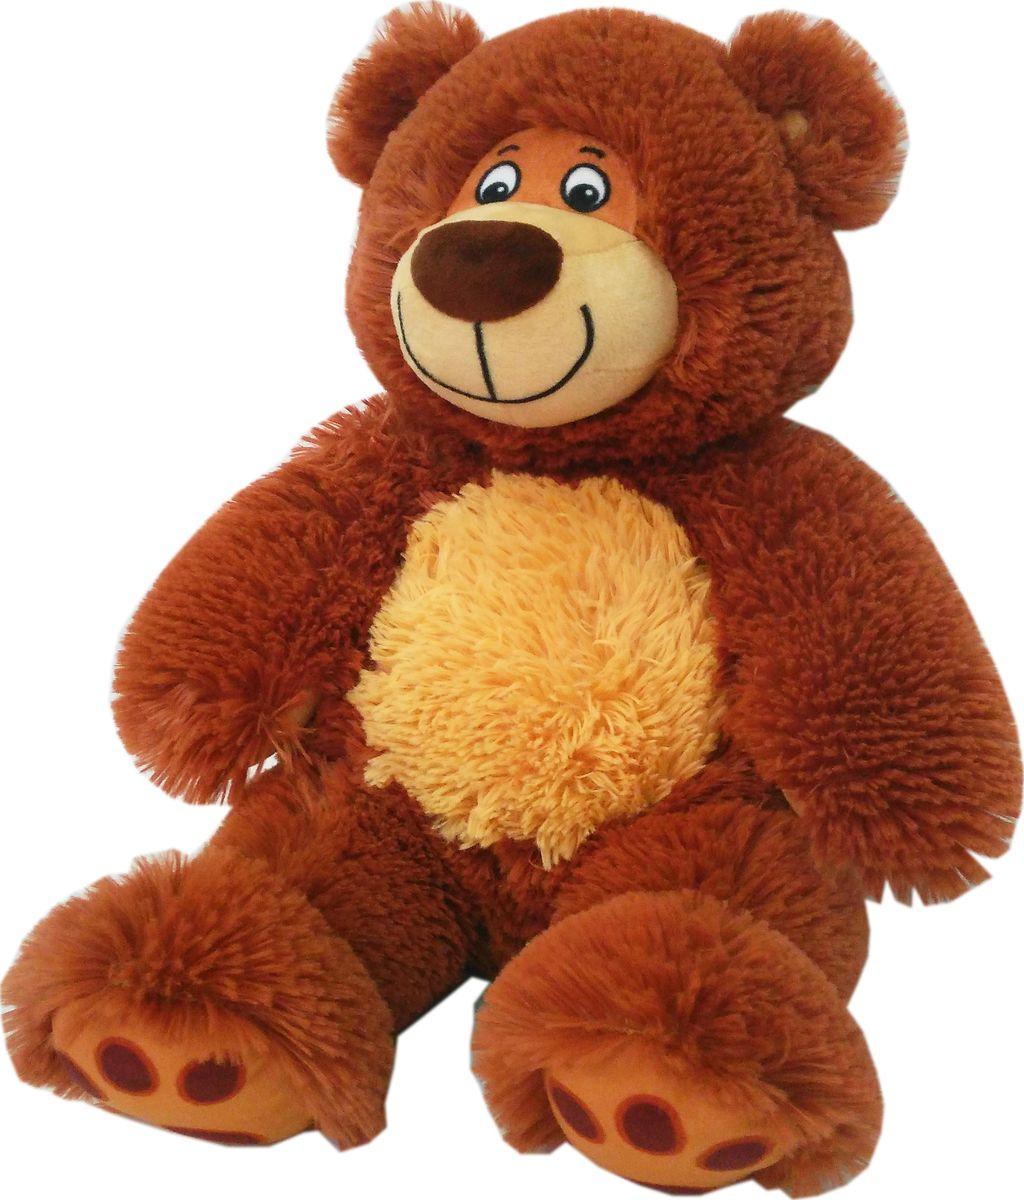 СмолТойс Мягкая игрушка Медвежонок Матвей 91 см мягкая игрушка смолтойс медвежонок тедди коричневый 30 см